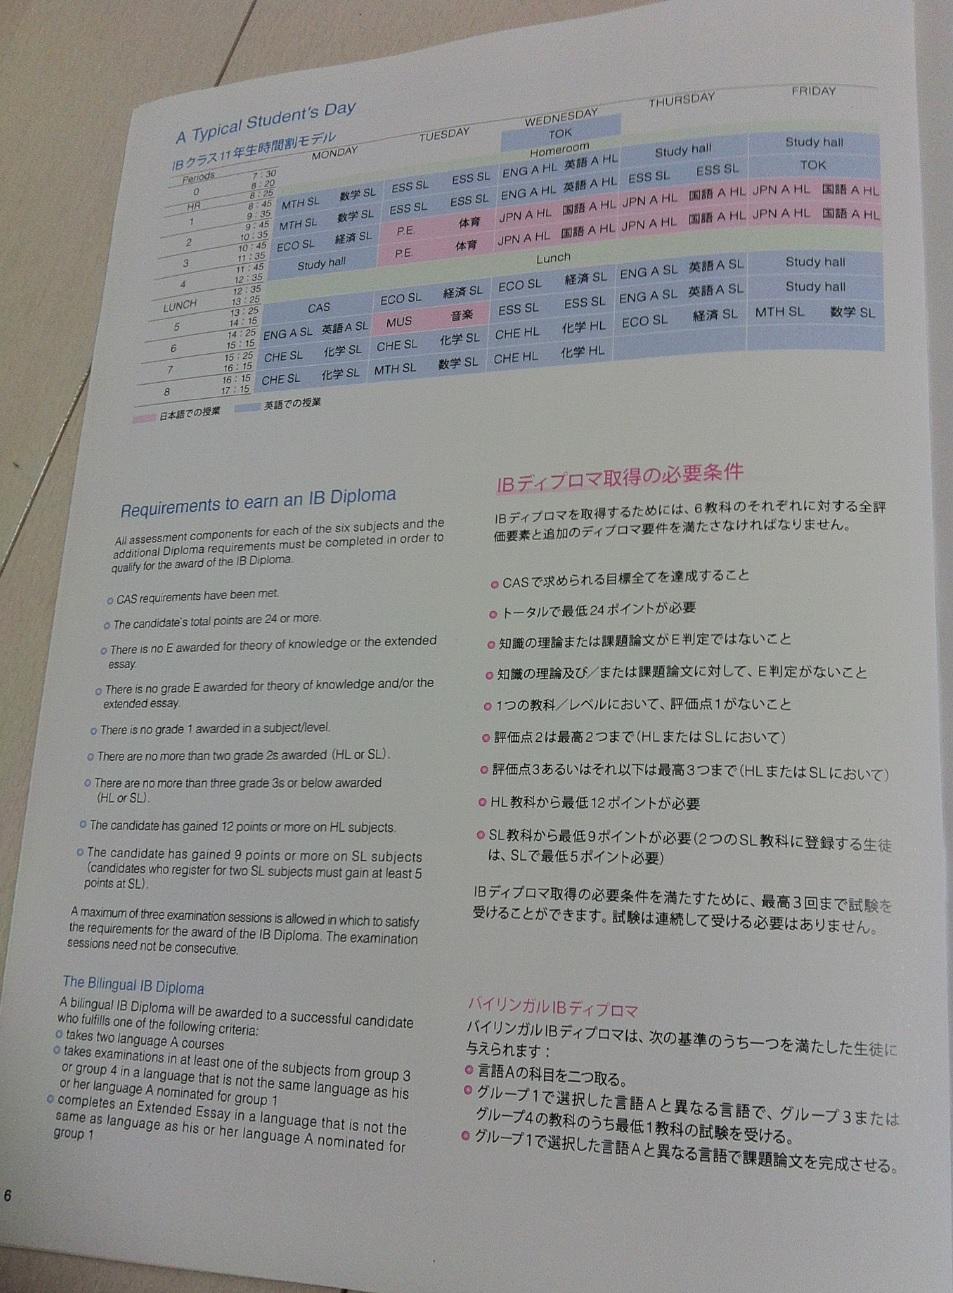 玉川学園小学校のIBプログラム画像キャプチャ(ページ5)